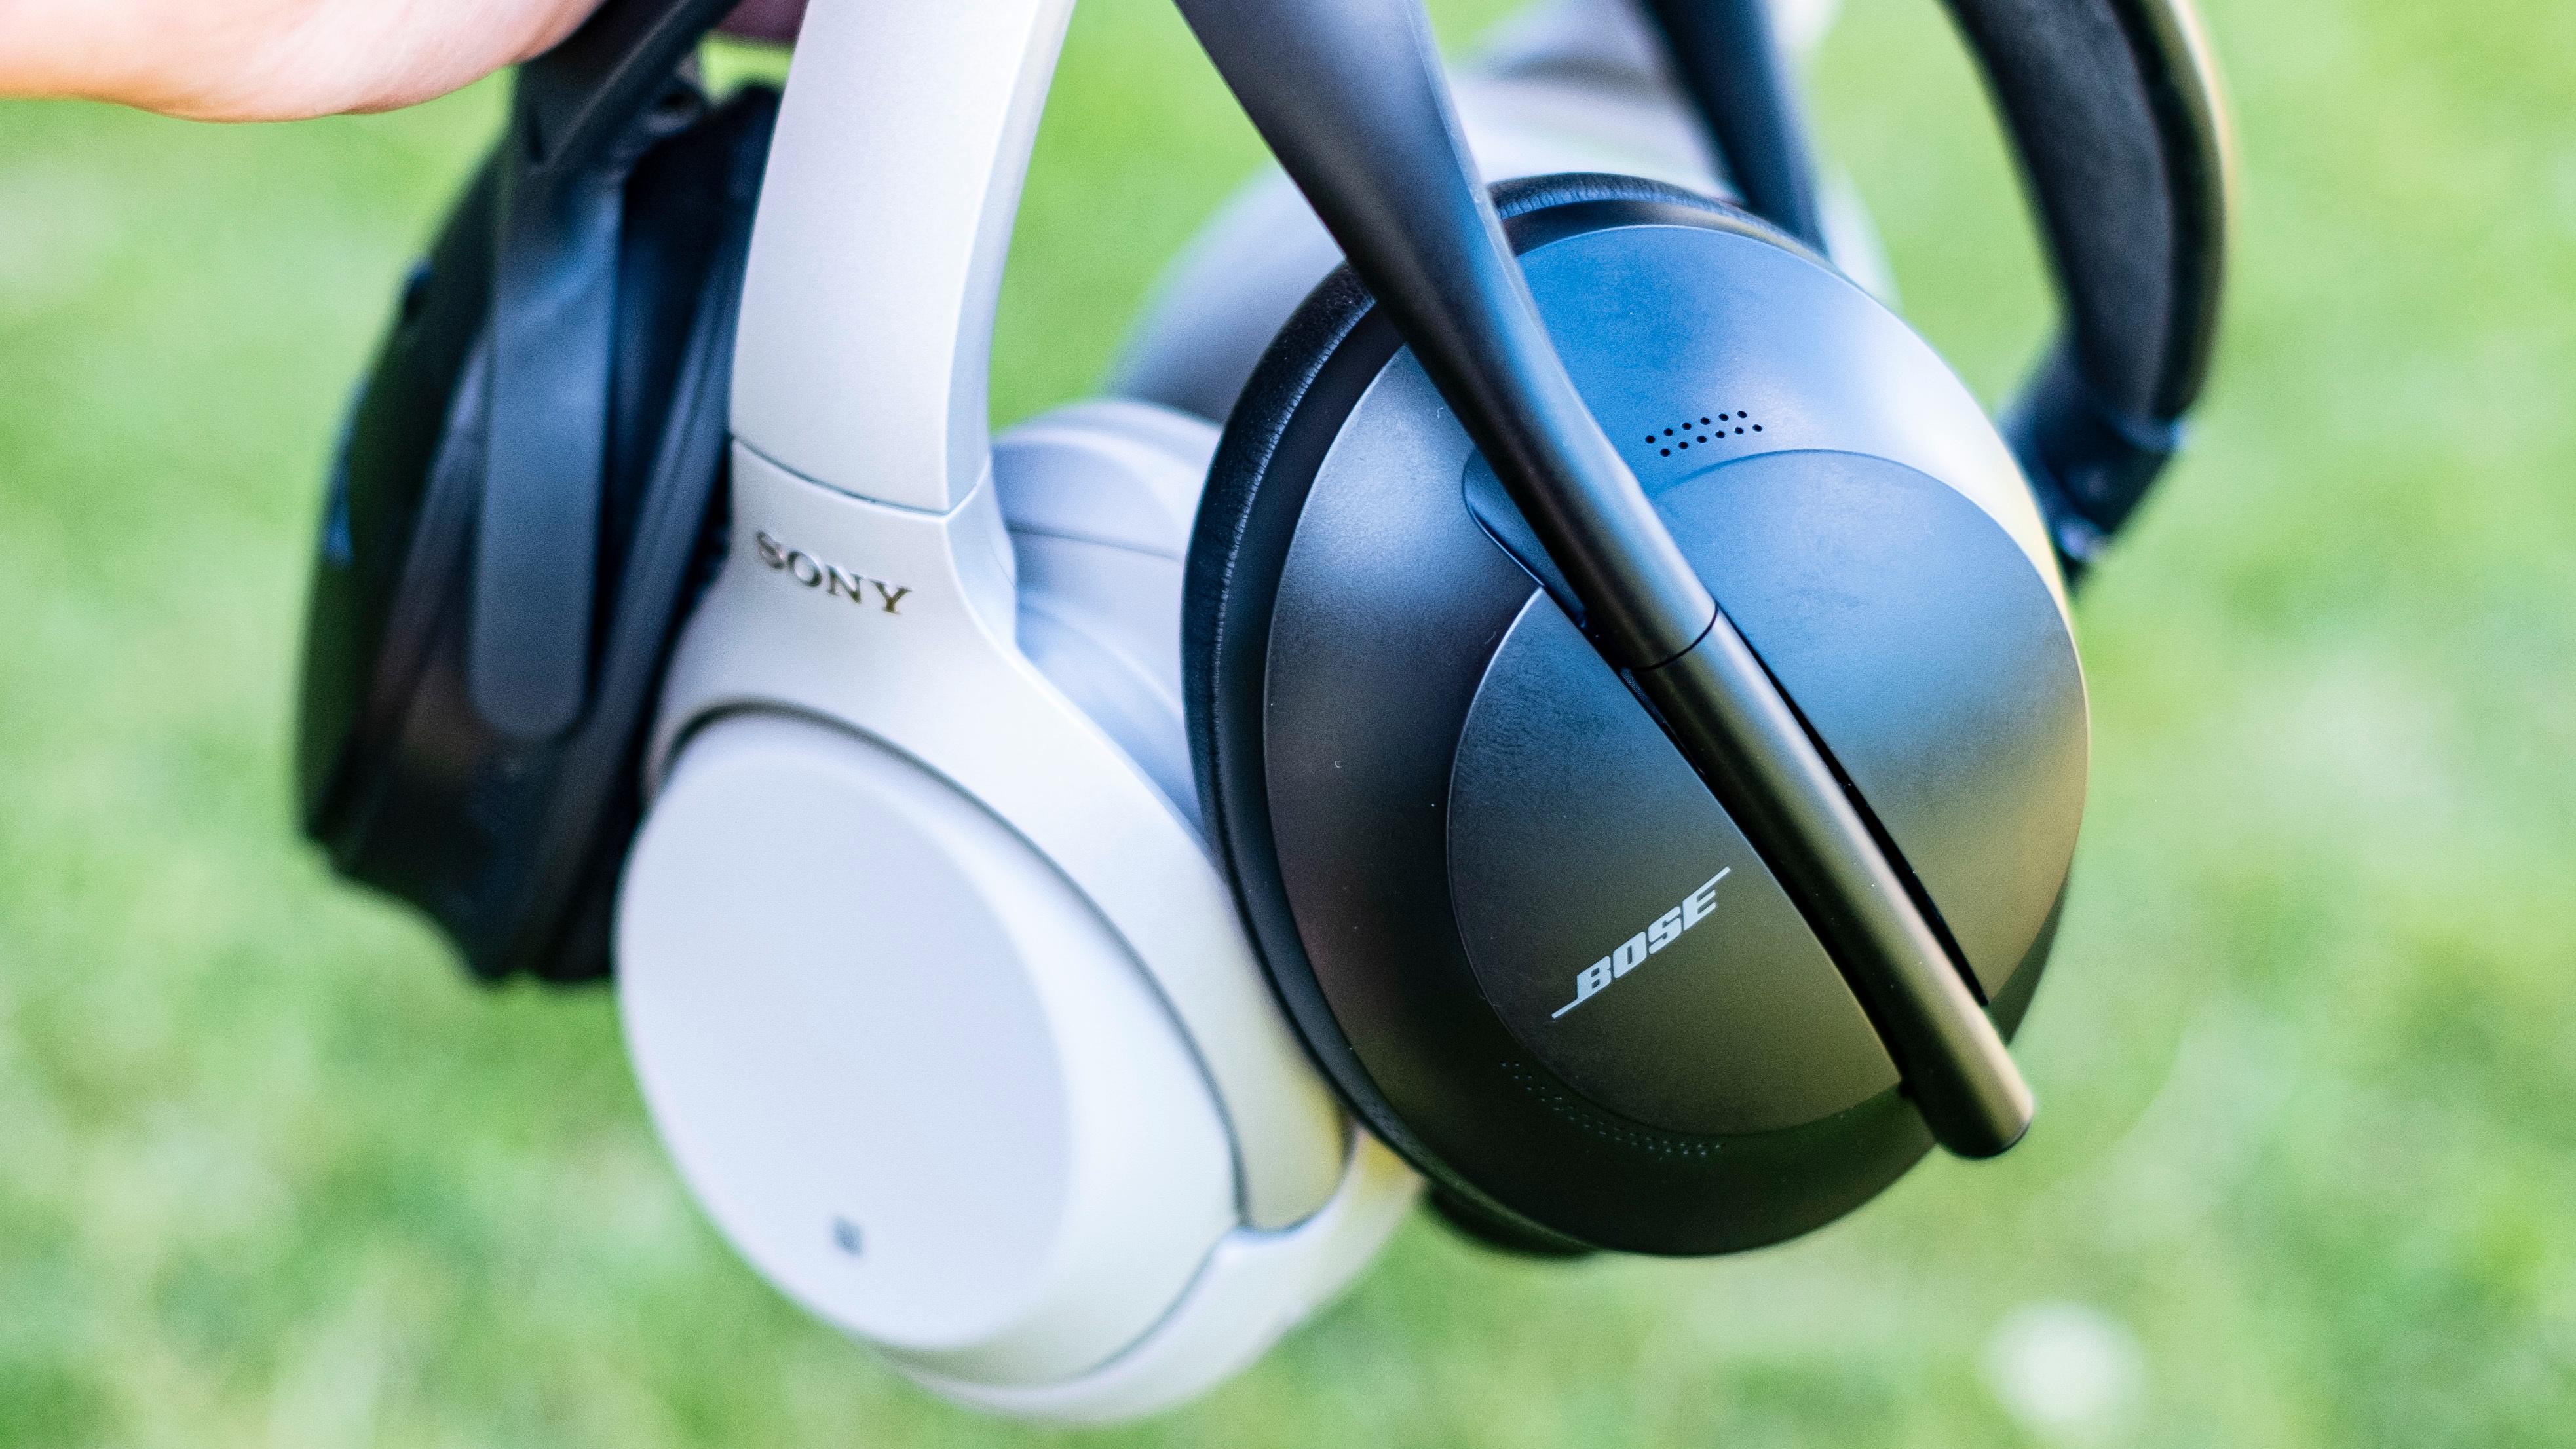 Støydempingen er såvidt kvassere i de nye Bosene sammenliknet med Sonys WH-1000XM3. Sammenliknet med Quiet Comfort 35 fra 2016 er forskjellen stor.